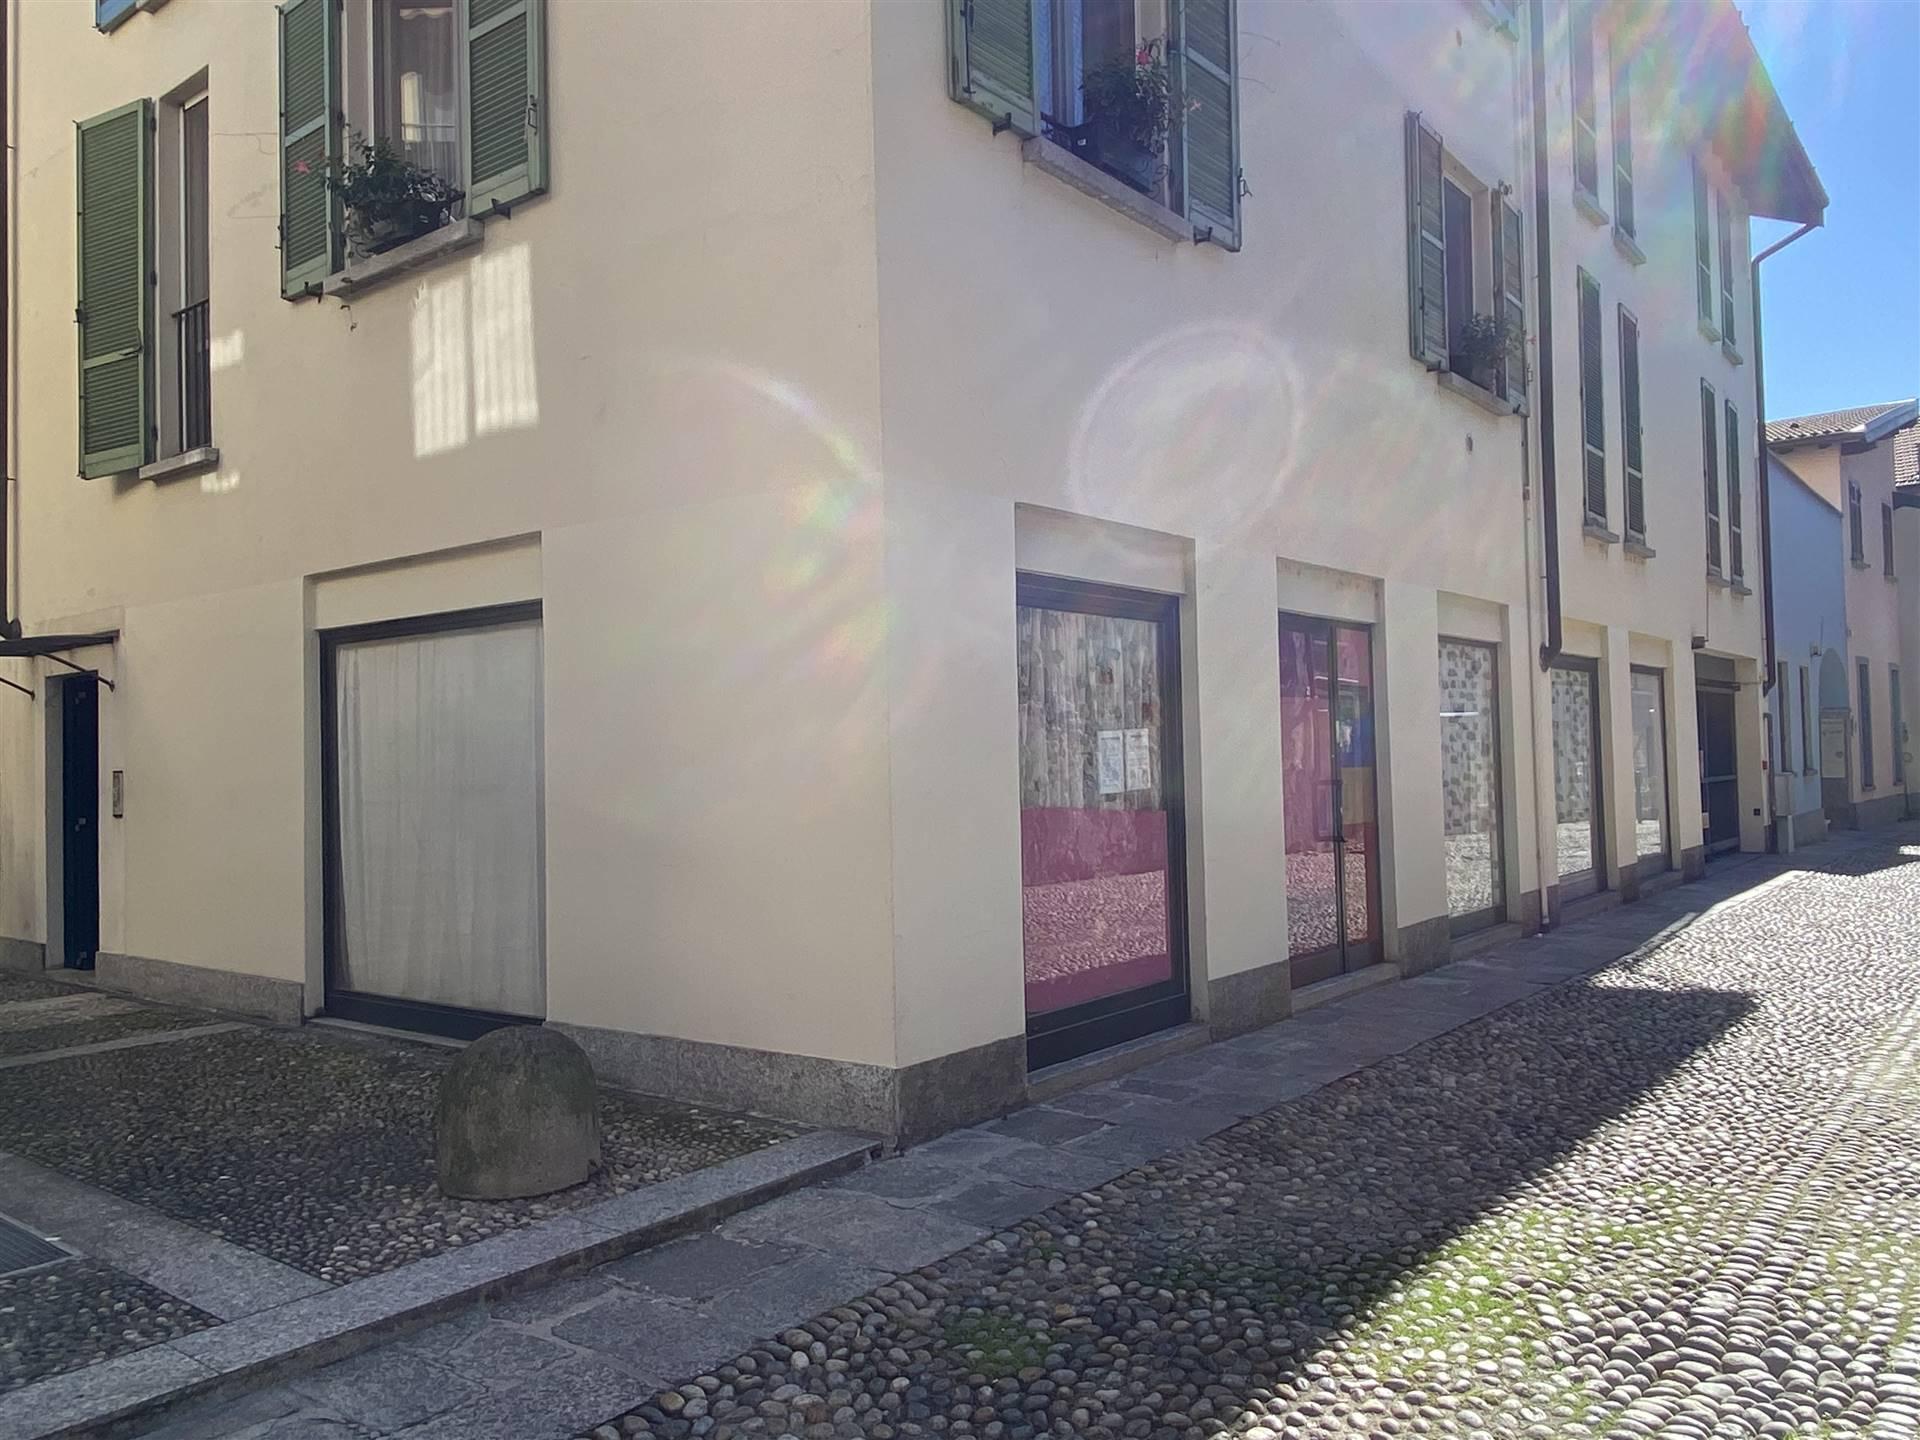 Negozio / Locale in vendita a Arona, 2 locali, prezzo € 120.000 | PortaleAgenzieImmobiliari.it